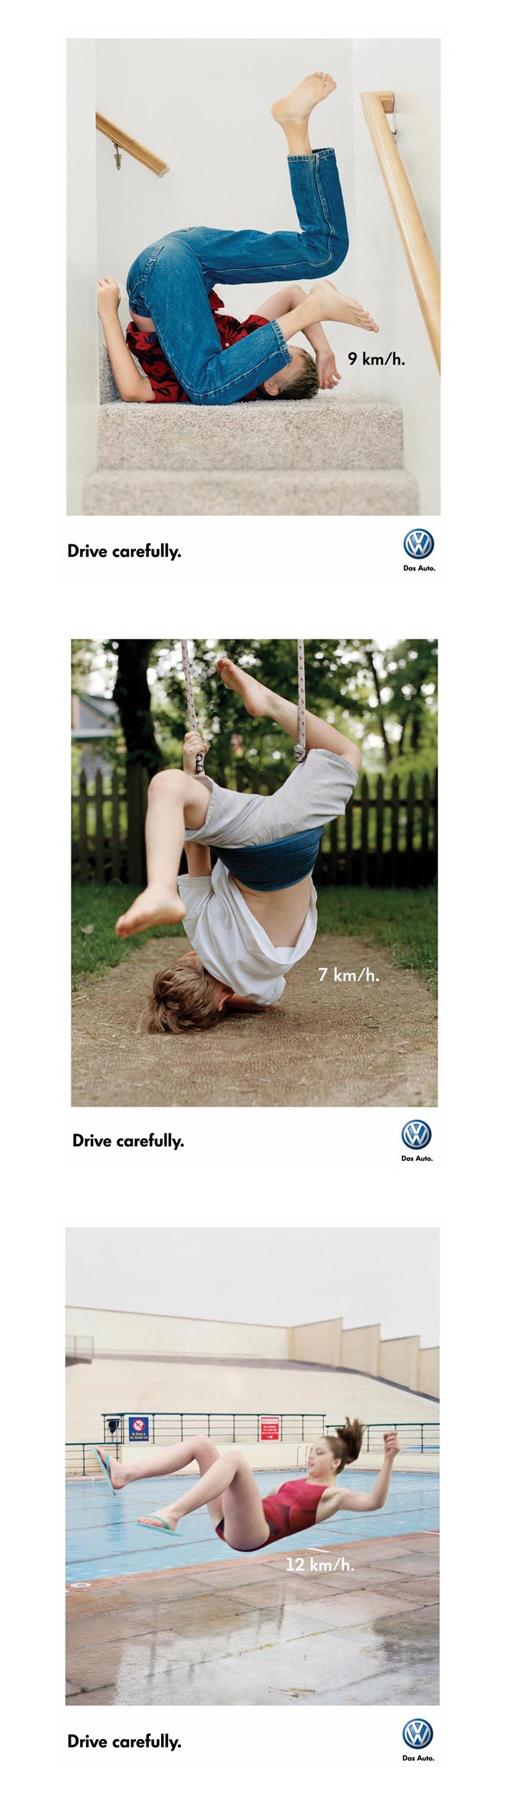 VW_DDB